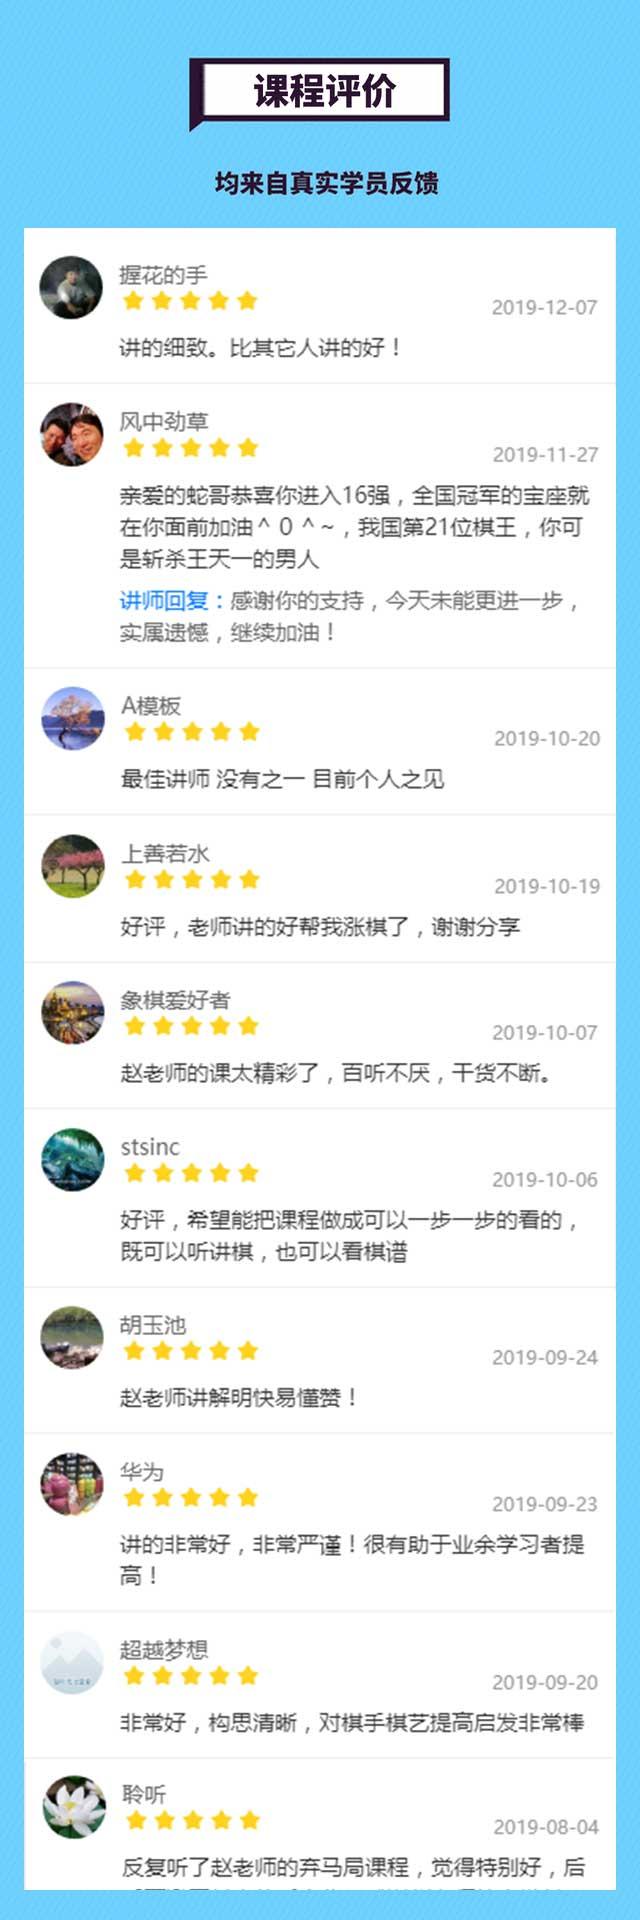 9课程评价---赵玮-屏风马弃马局骗招揭秘.jpg